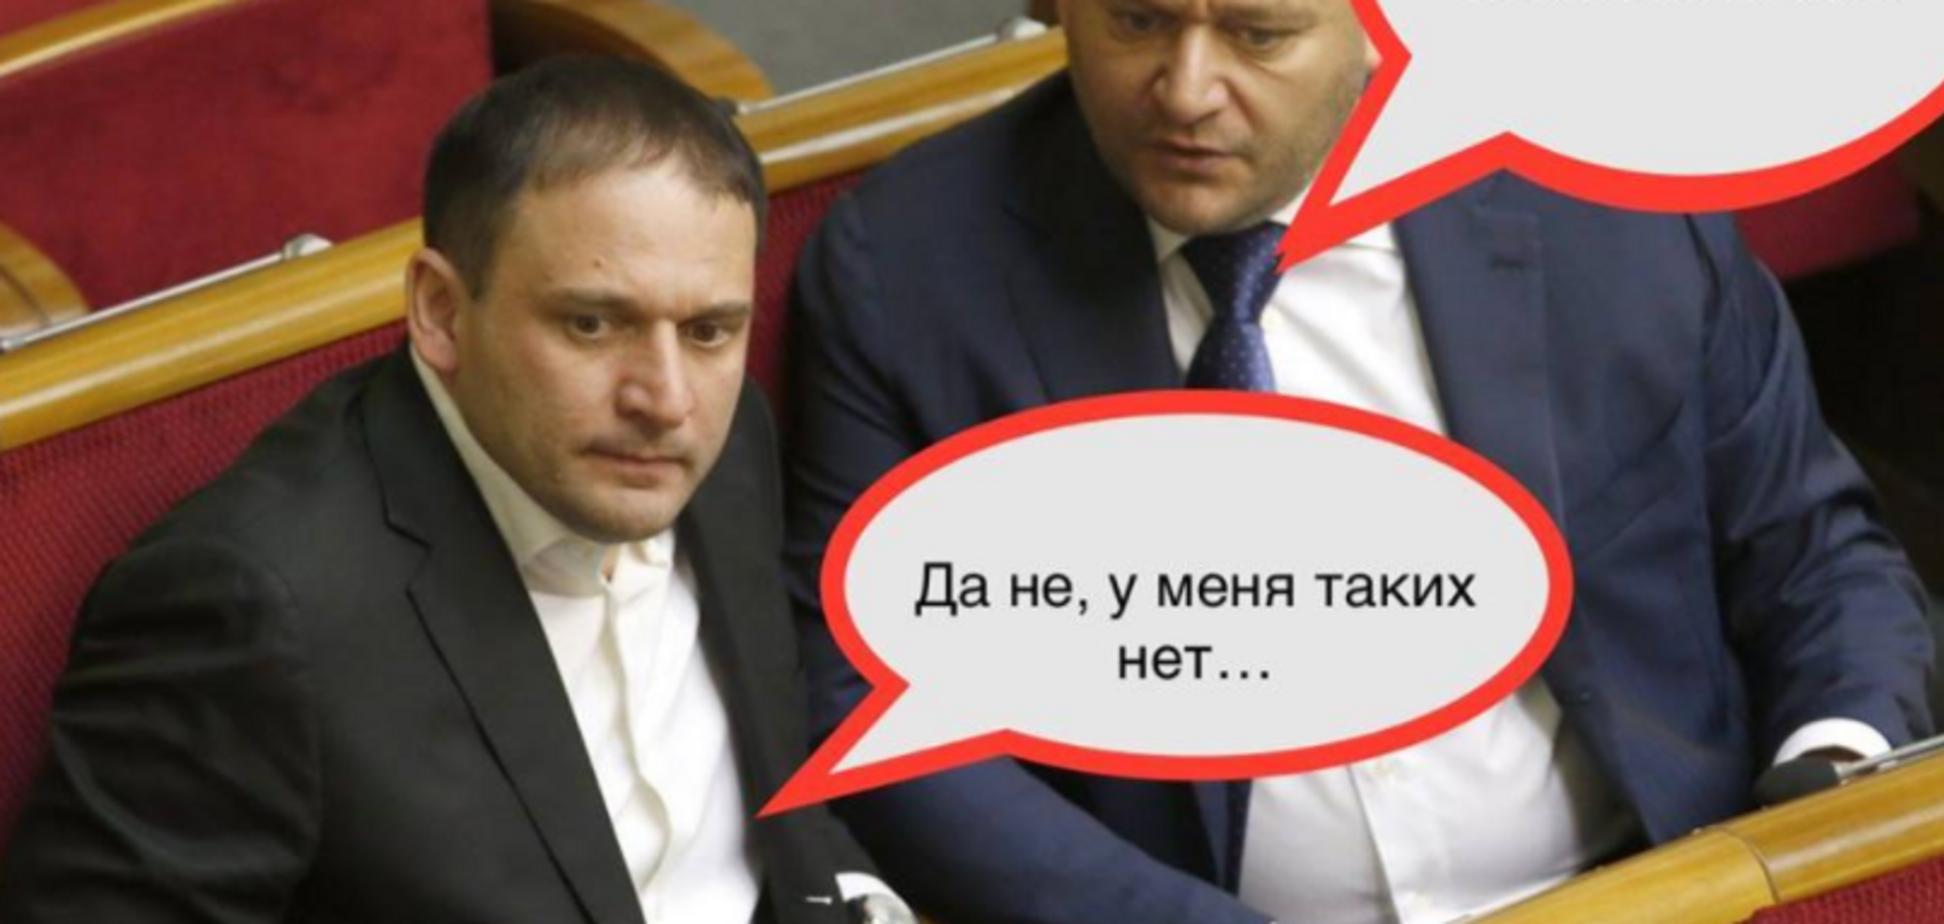 'Понравилось на нарах': как соцсети отреагировали на задержание Савченко